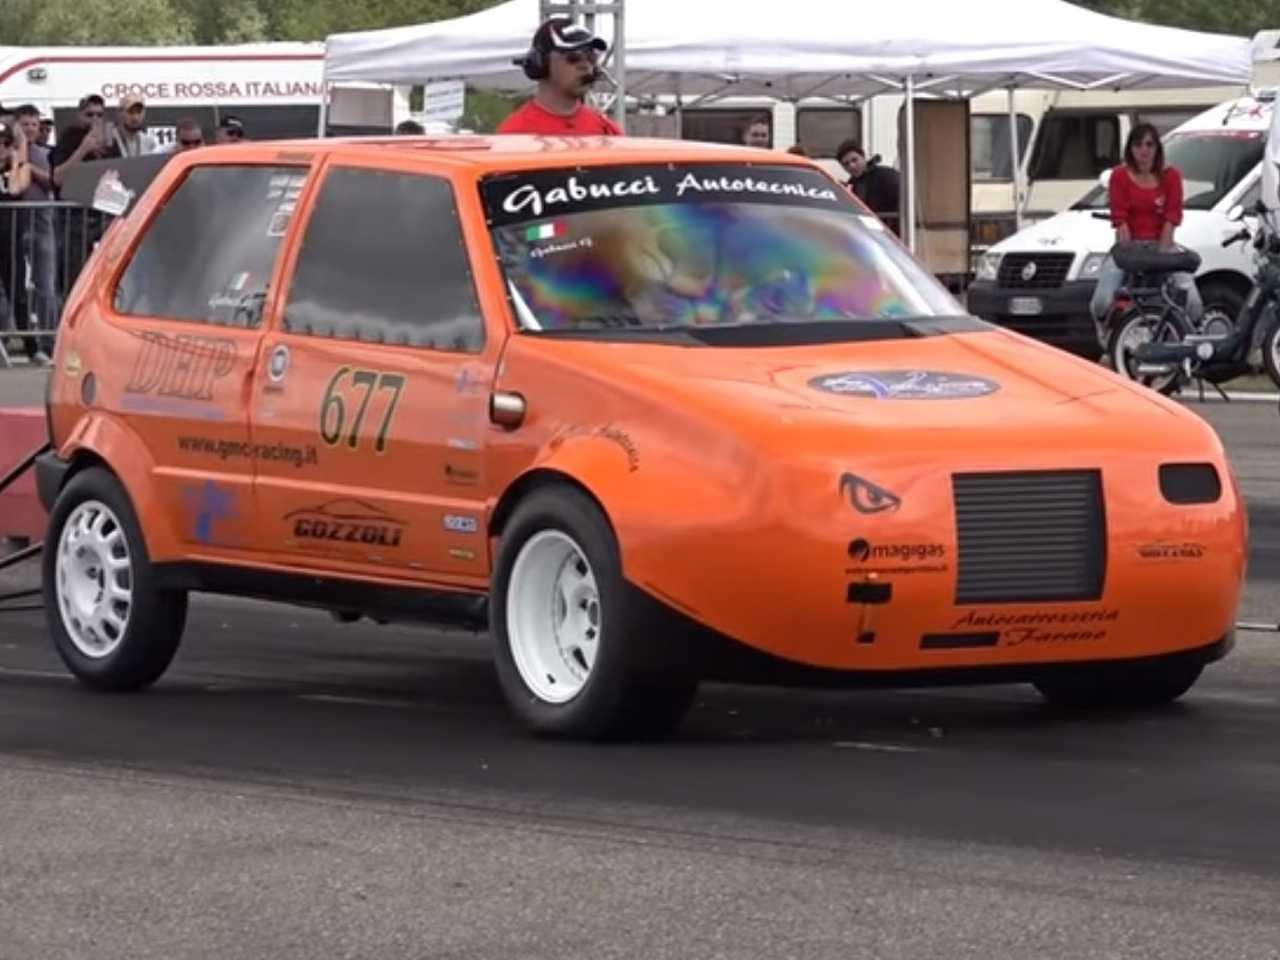 Acima o Fiat Uno que atua em corridas de arrancada na Europa